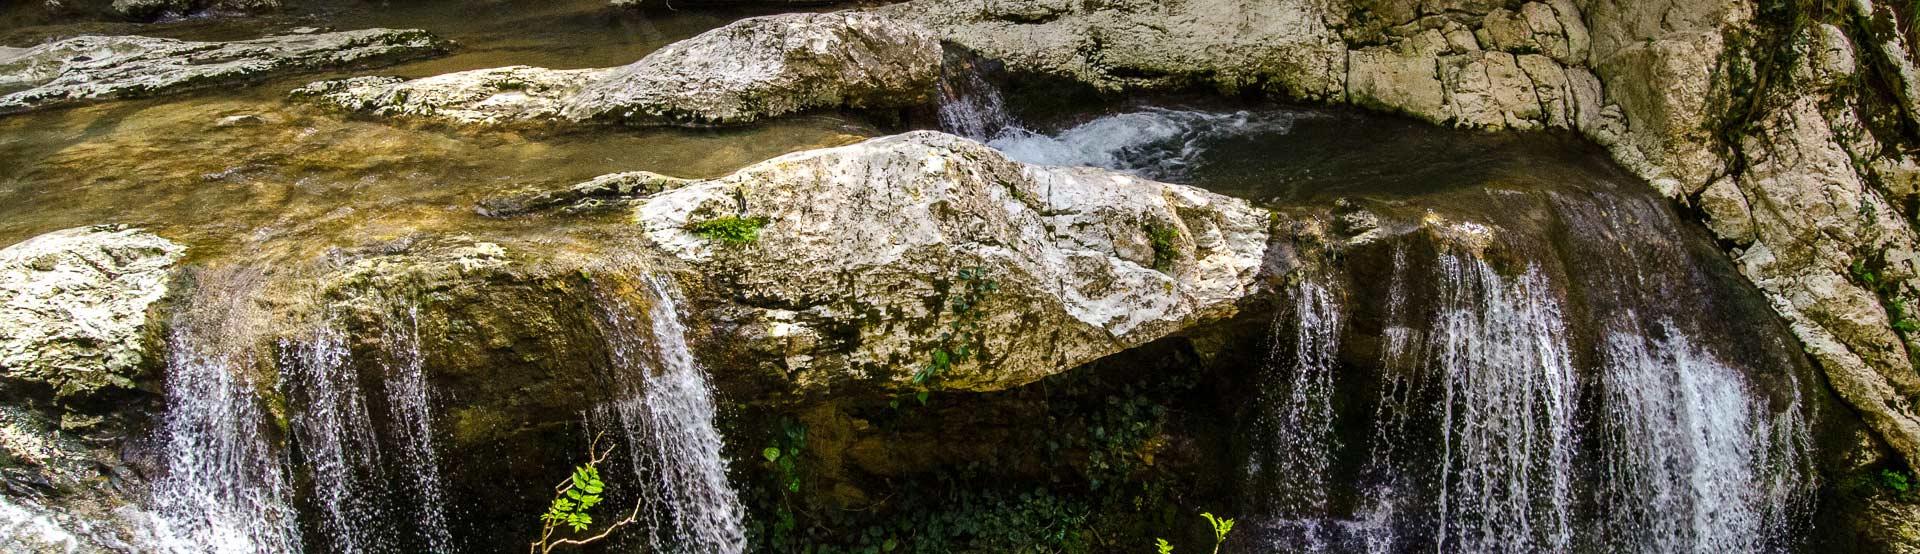 Агурские водопады - отзывы, фото, как добраться самостоятельно